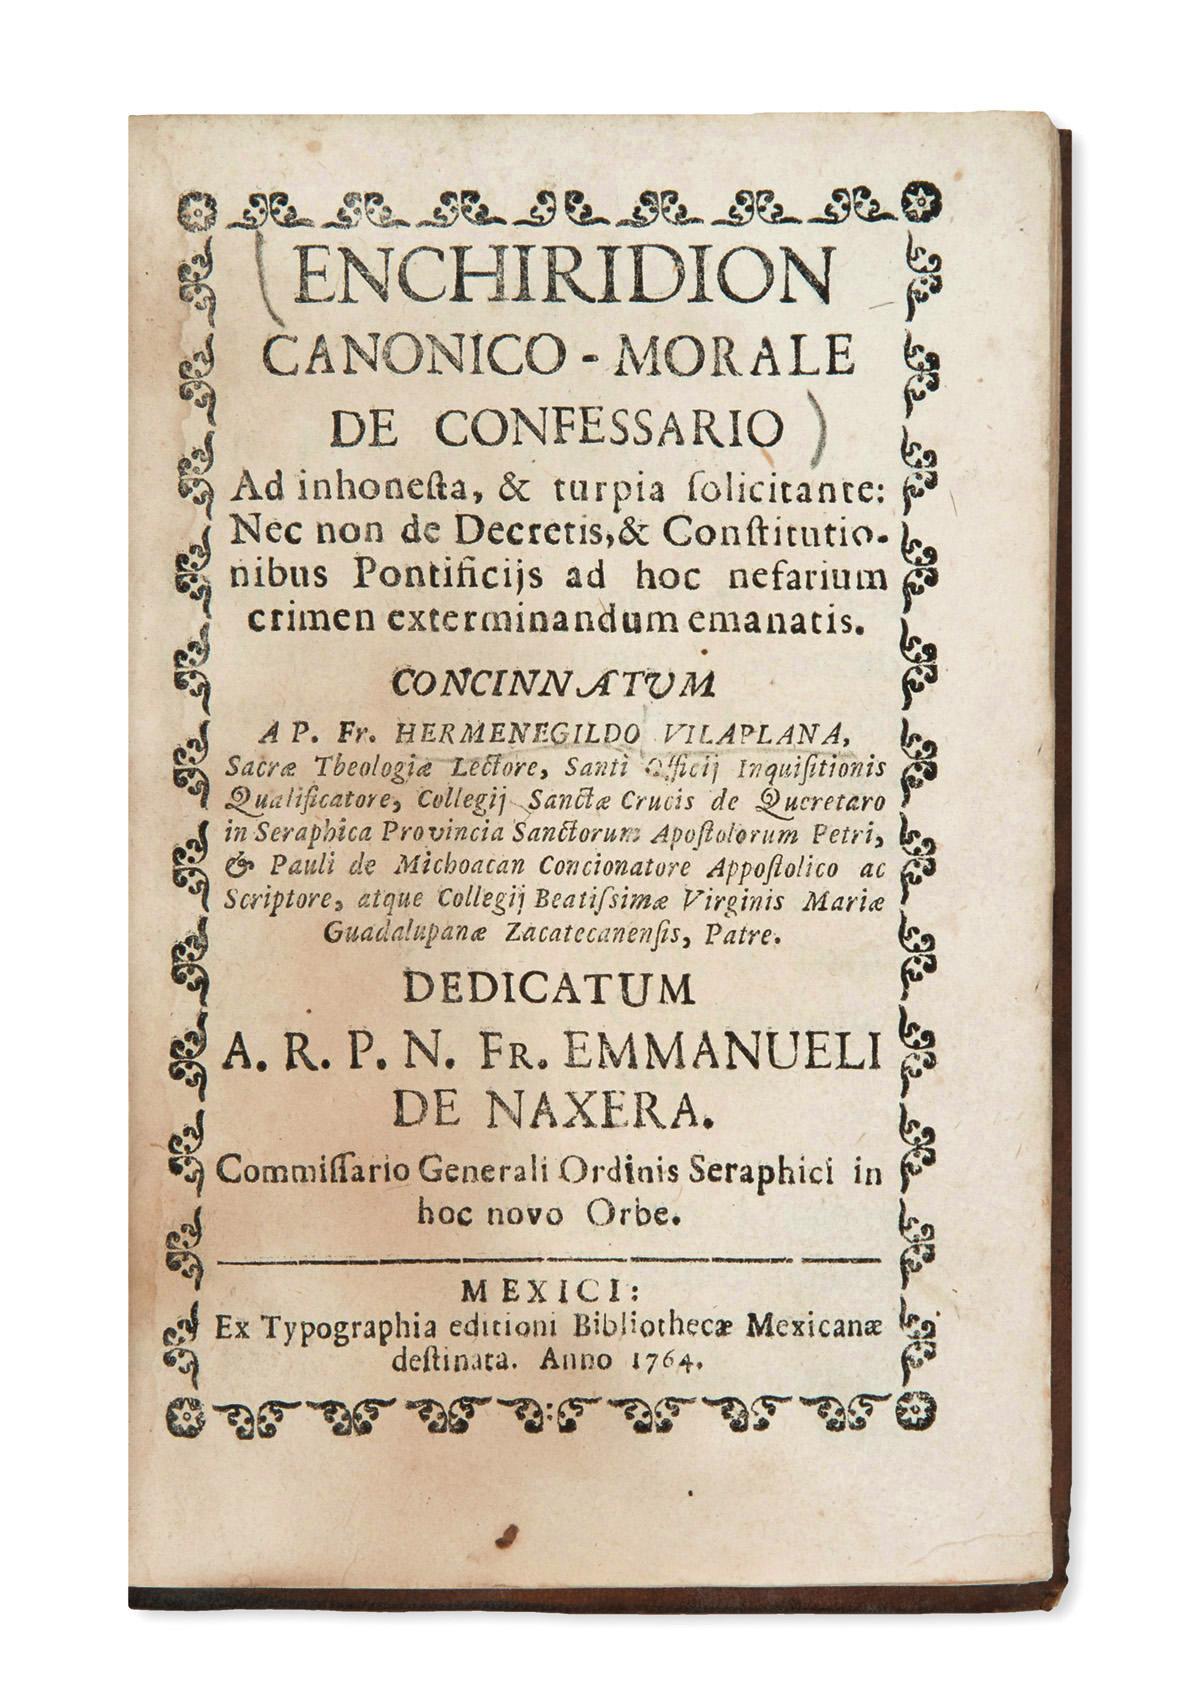 (MEXICAN IMPRINT--1764.) Hermenegildo Vilaplana. Enchiridion canonico-morale de confessario ad inhonesta, & turpia solicitante.